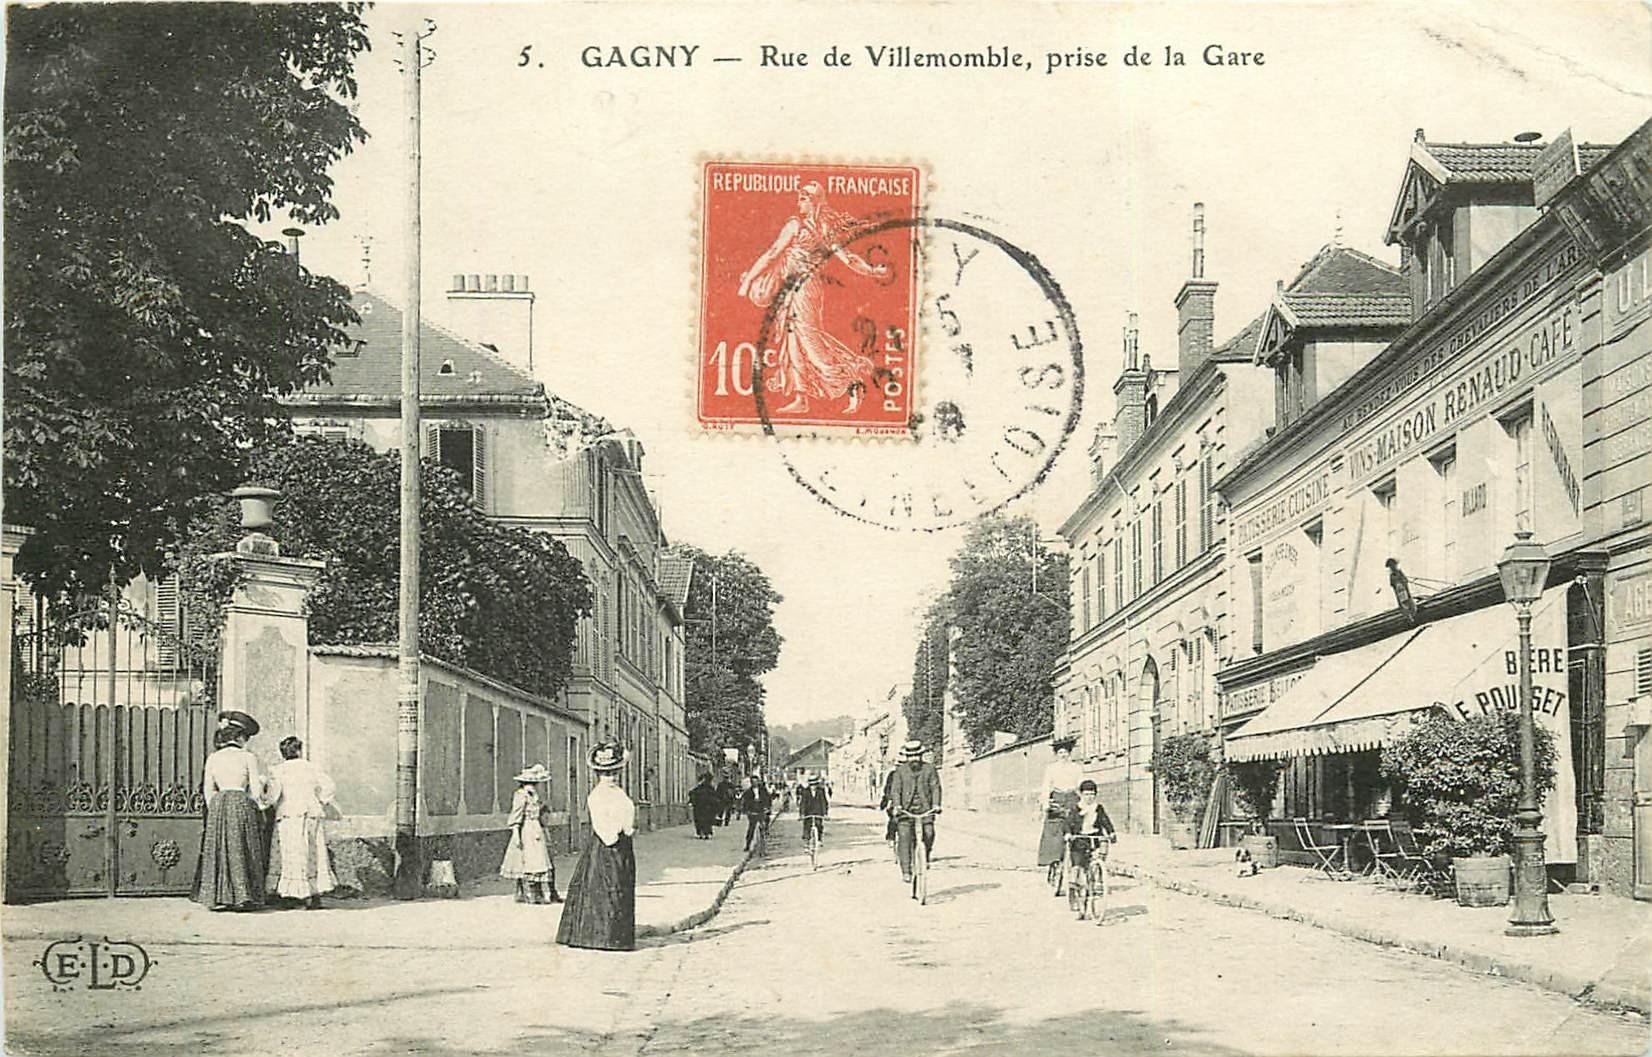 93 GAGNY. Café Brasserie rue de Villemomble 1908 avec cyclistes...